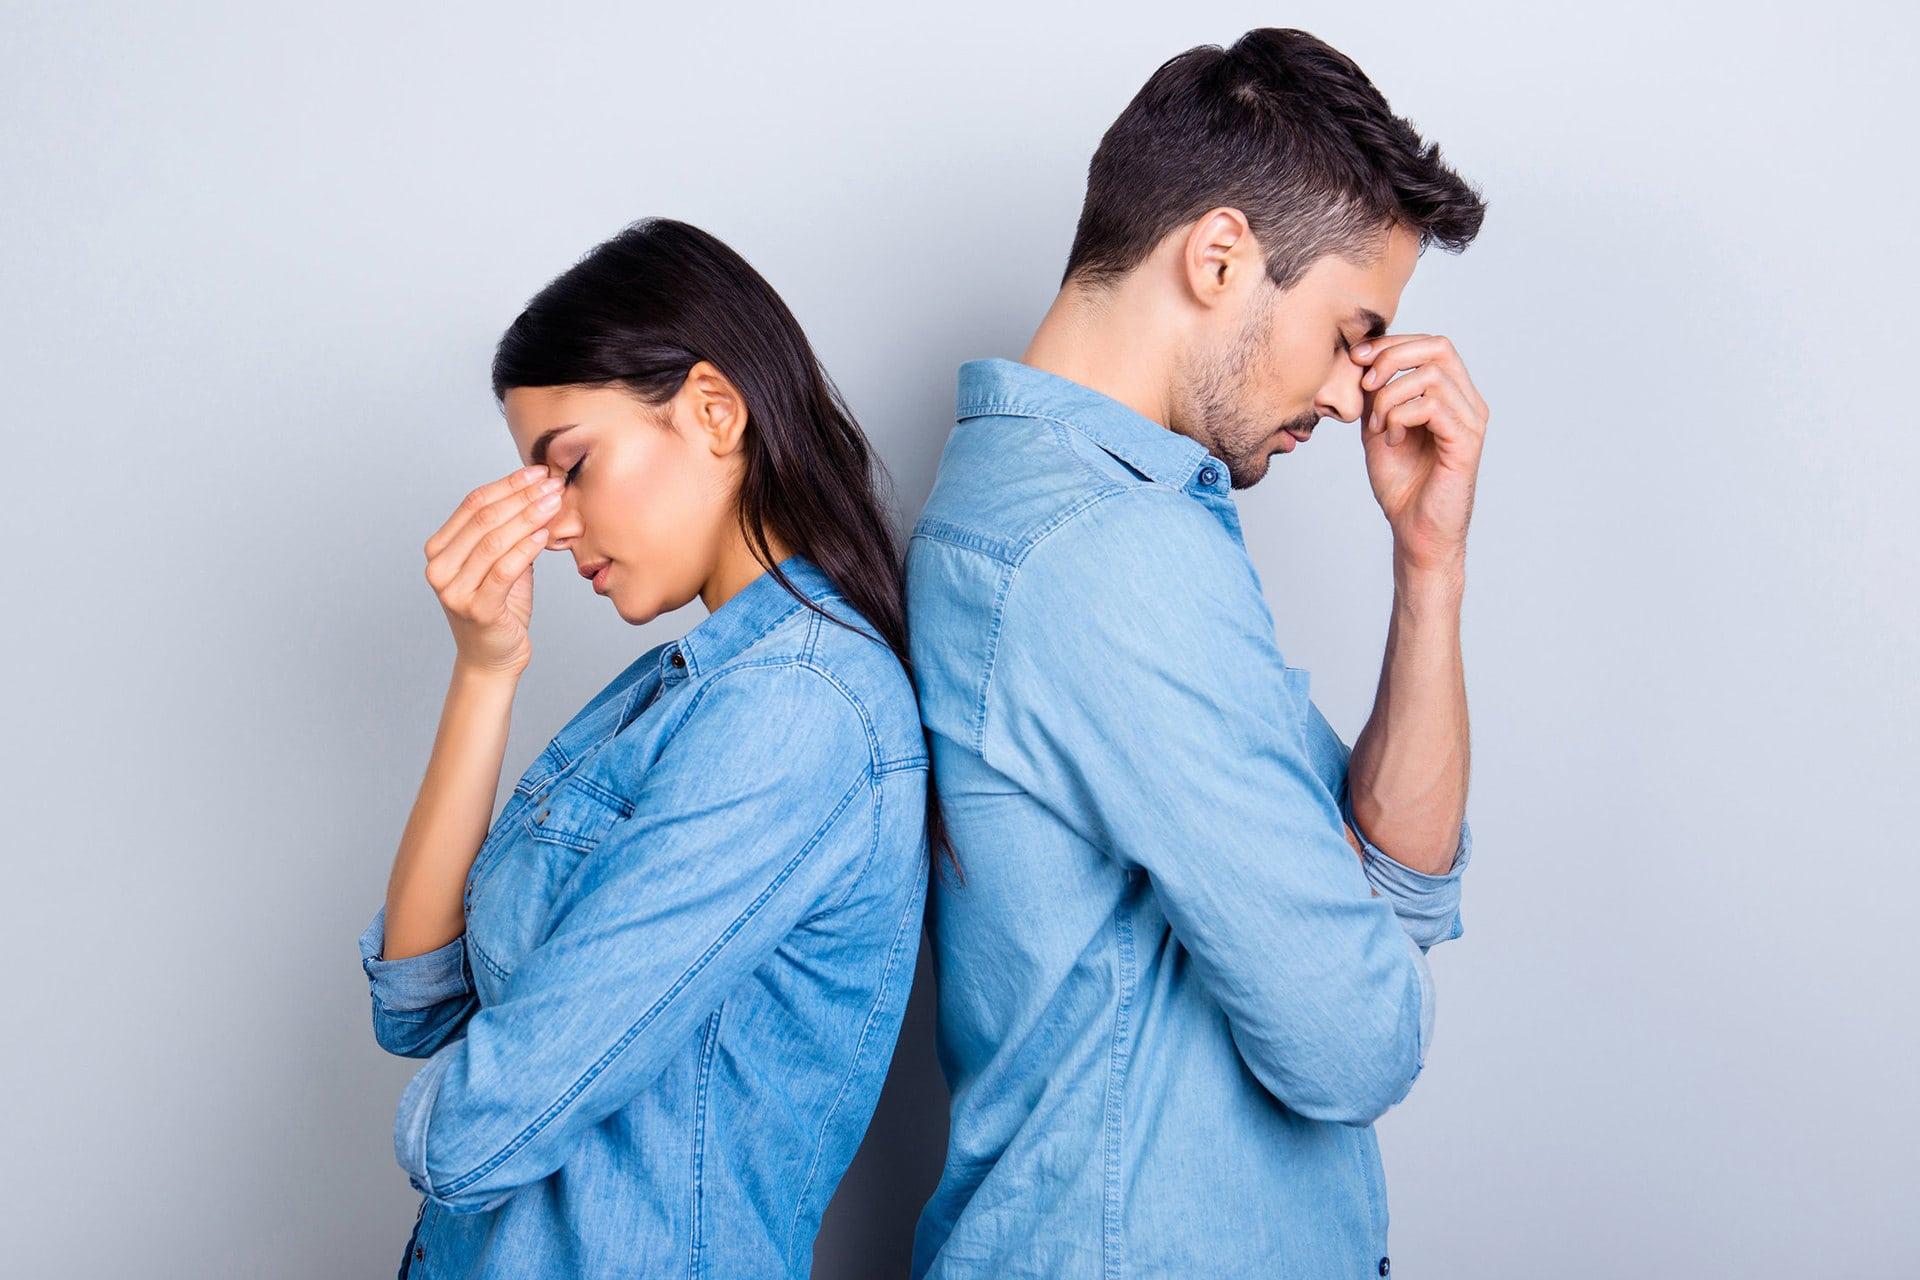 отношение между мужчиной и женщиной